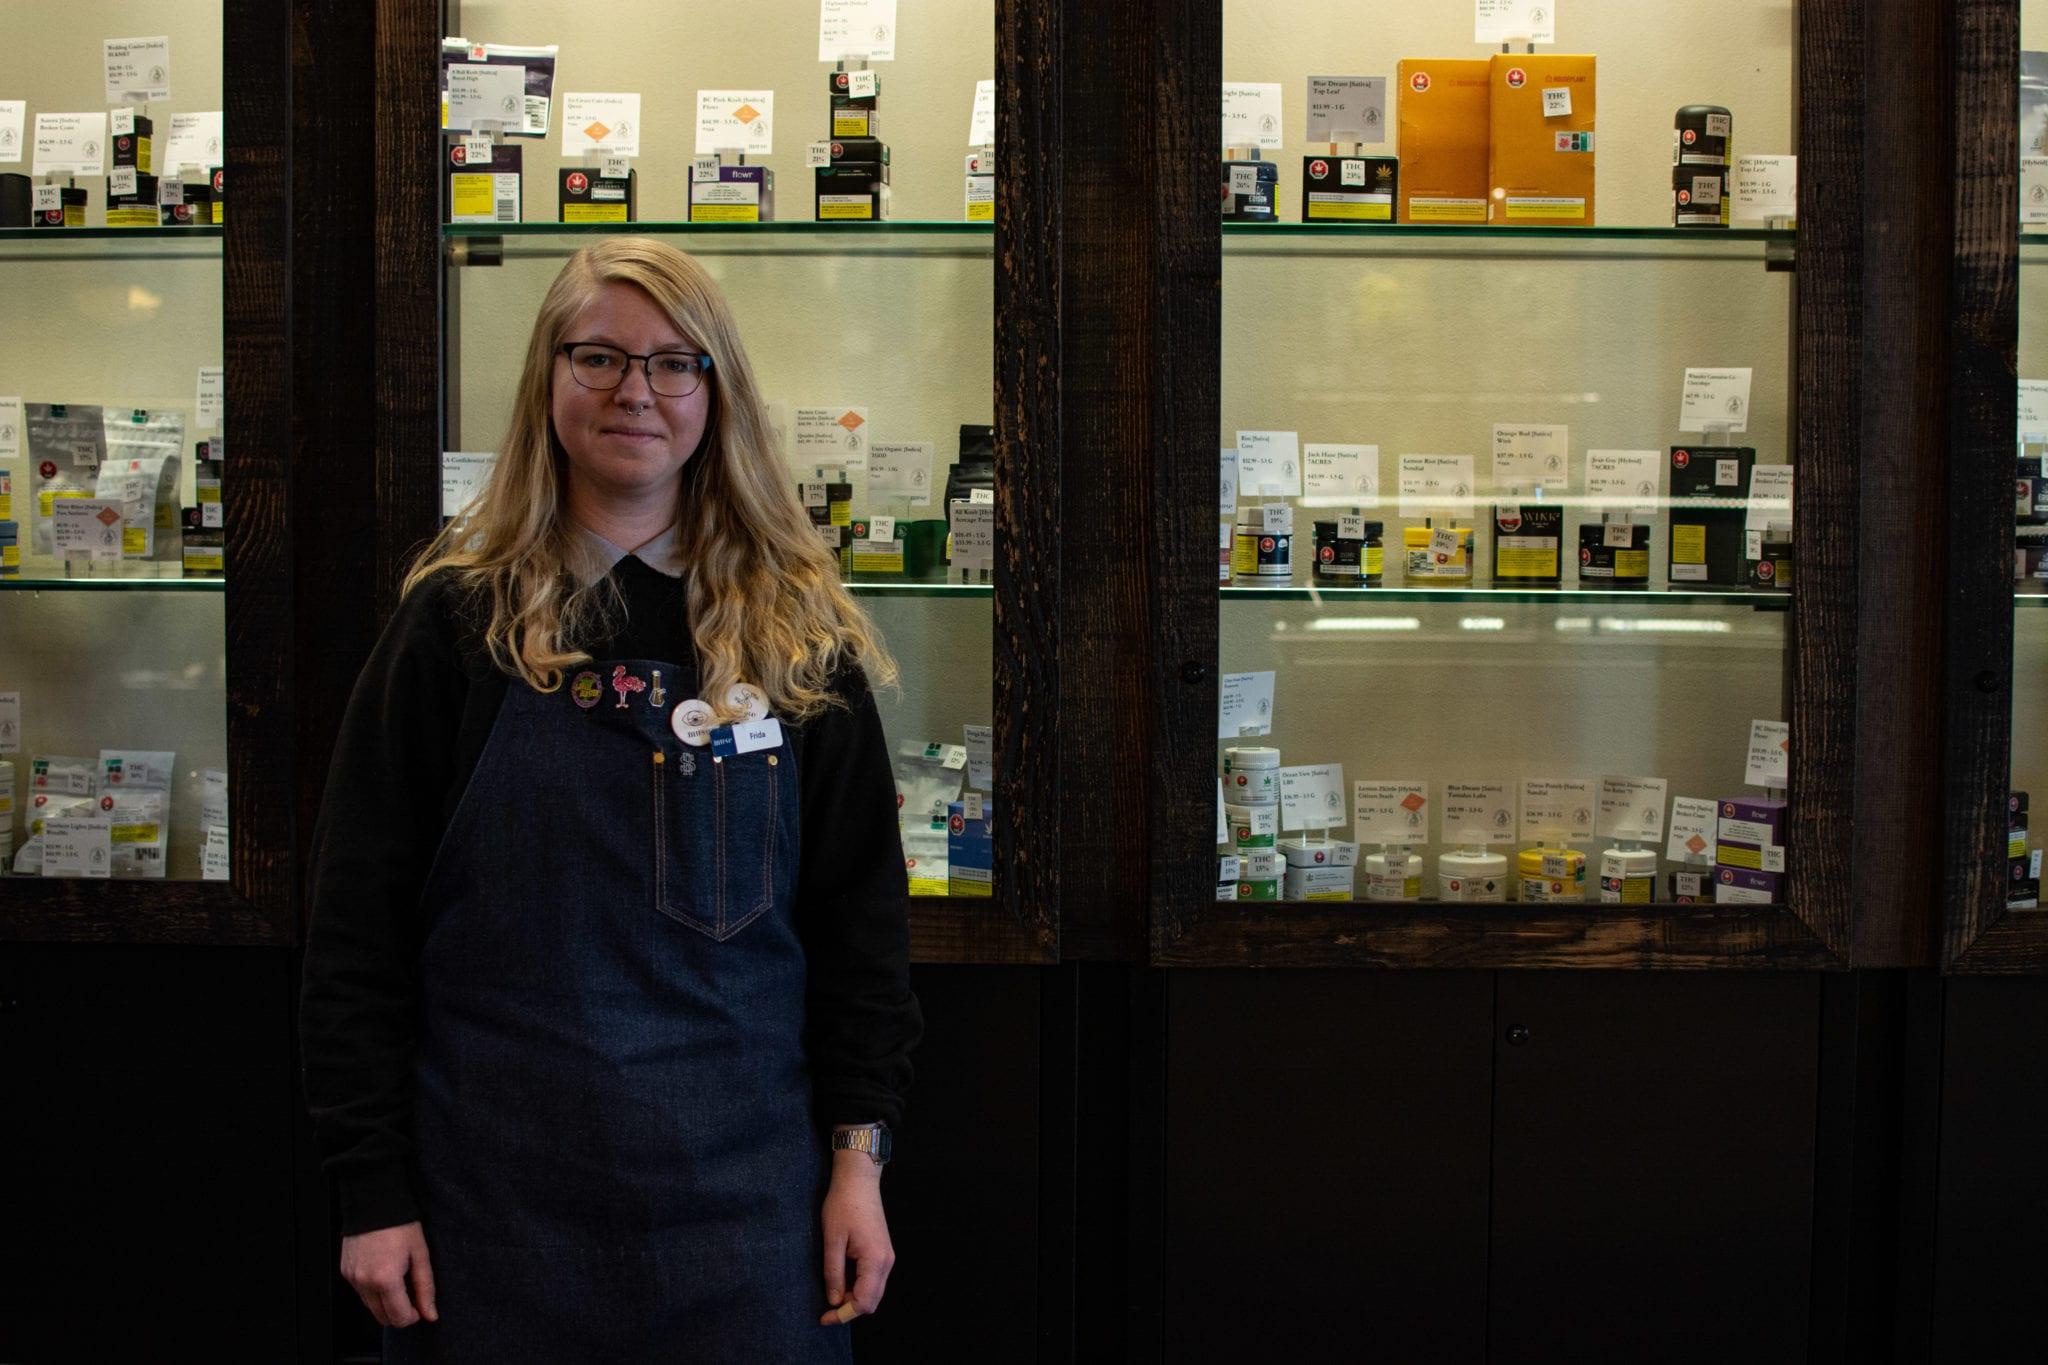 Consumers and companies embrace cannabis retail rush before expected mass shutdown - Frida Hallgren